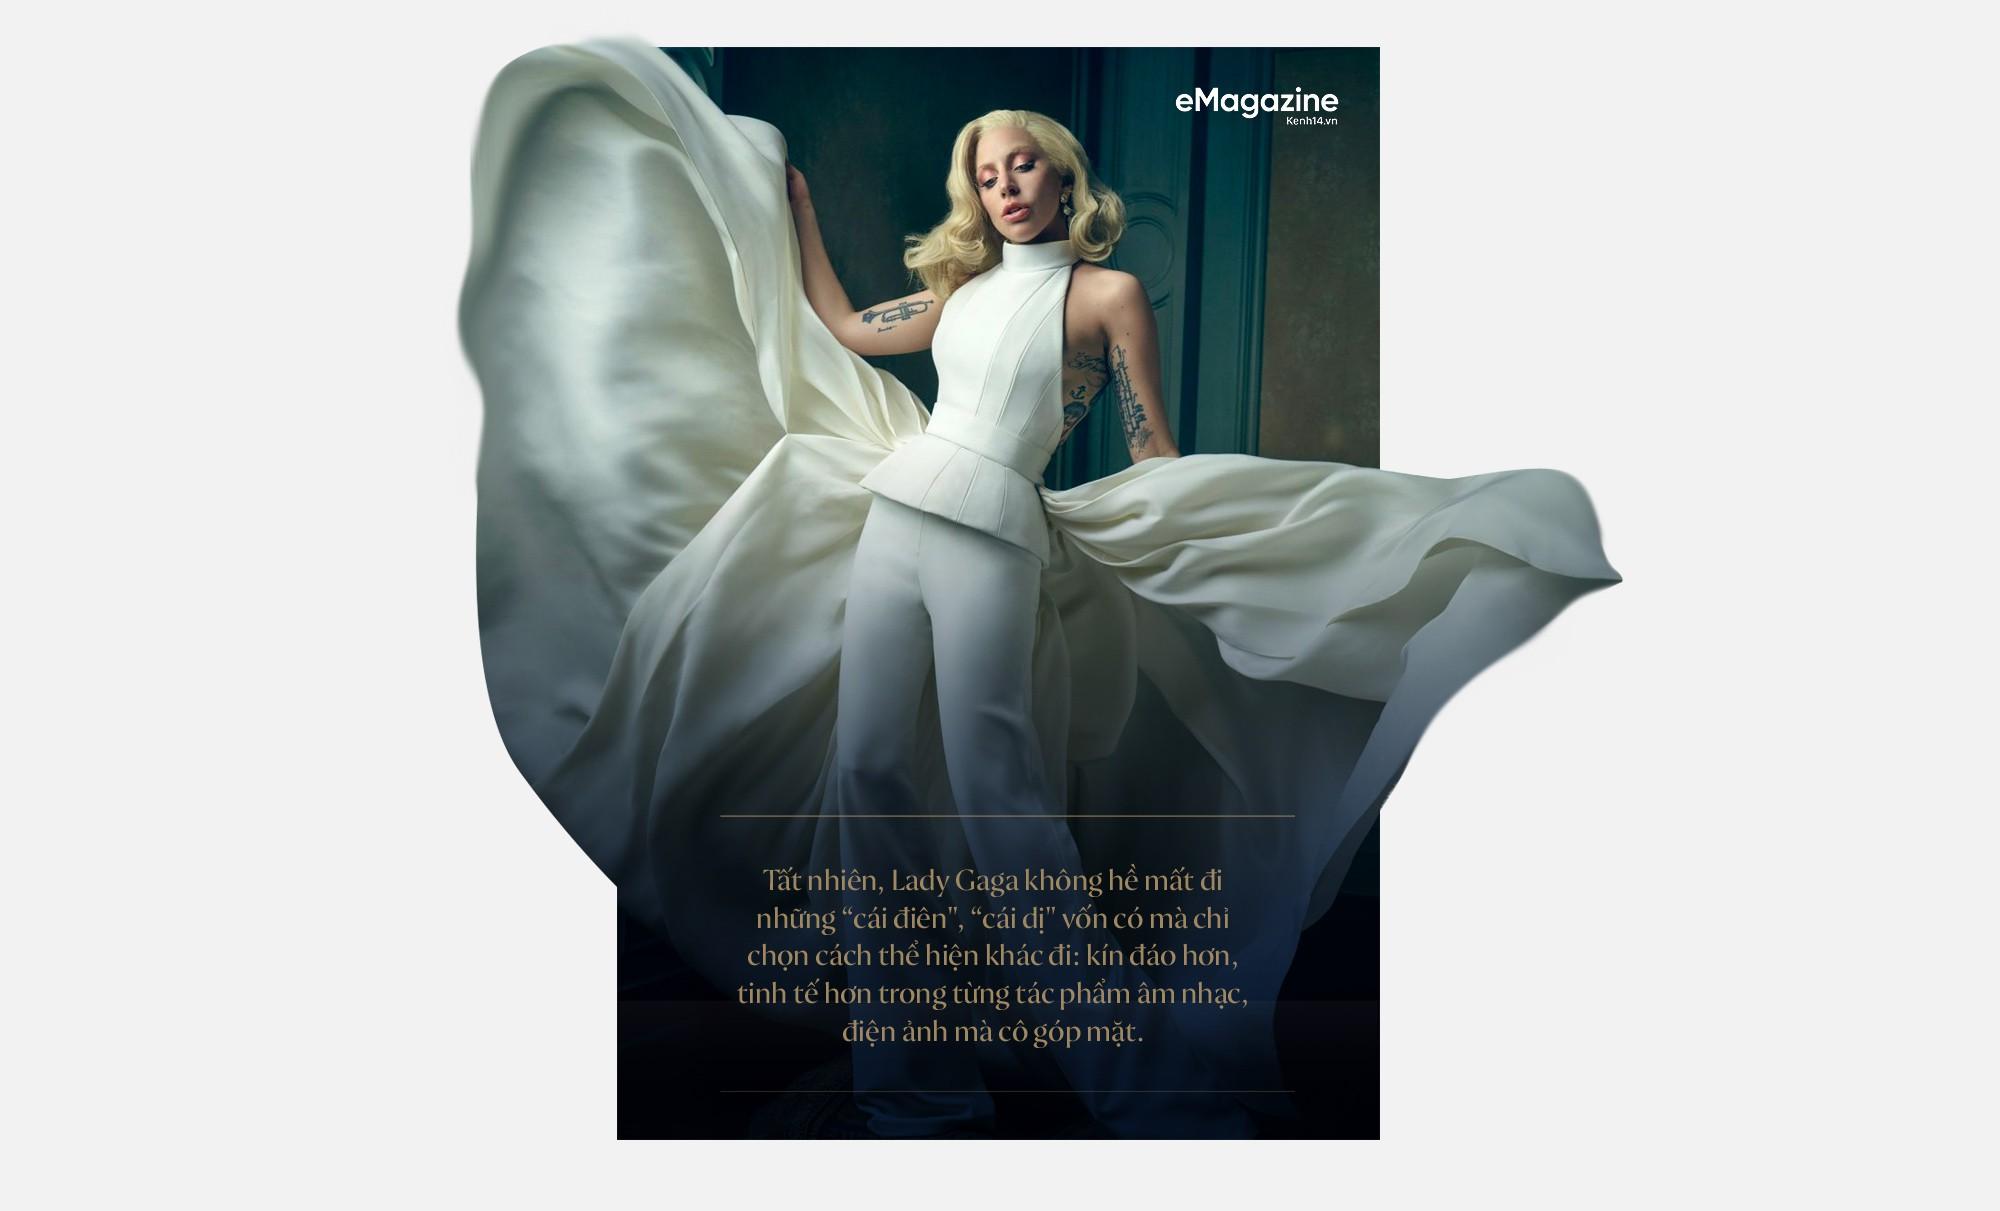 Chuyện chủ nhân 10 tượng vàng Grammy, Oscar Lady Gaga: Người đàn bà dị biệt đã khiến cả thế giới phải nể phục như thế nào? - Ảnh 11.